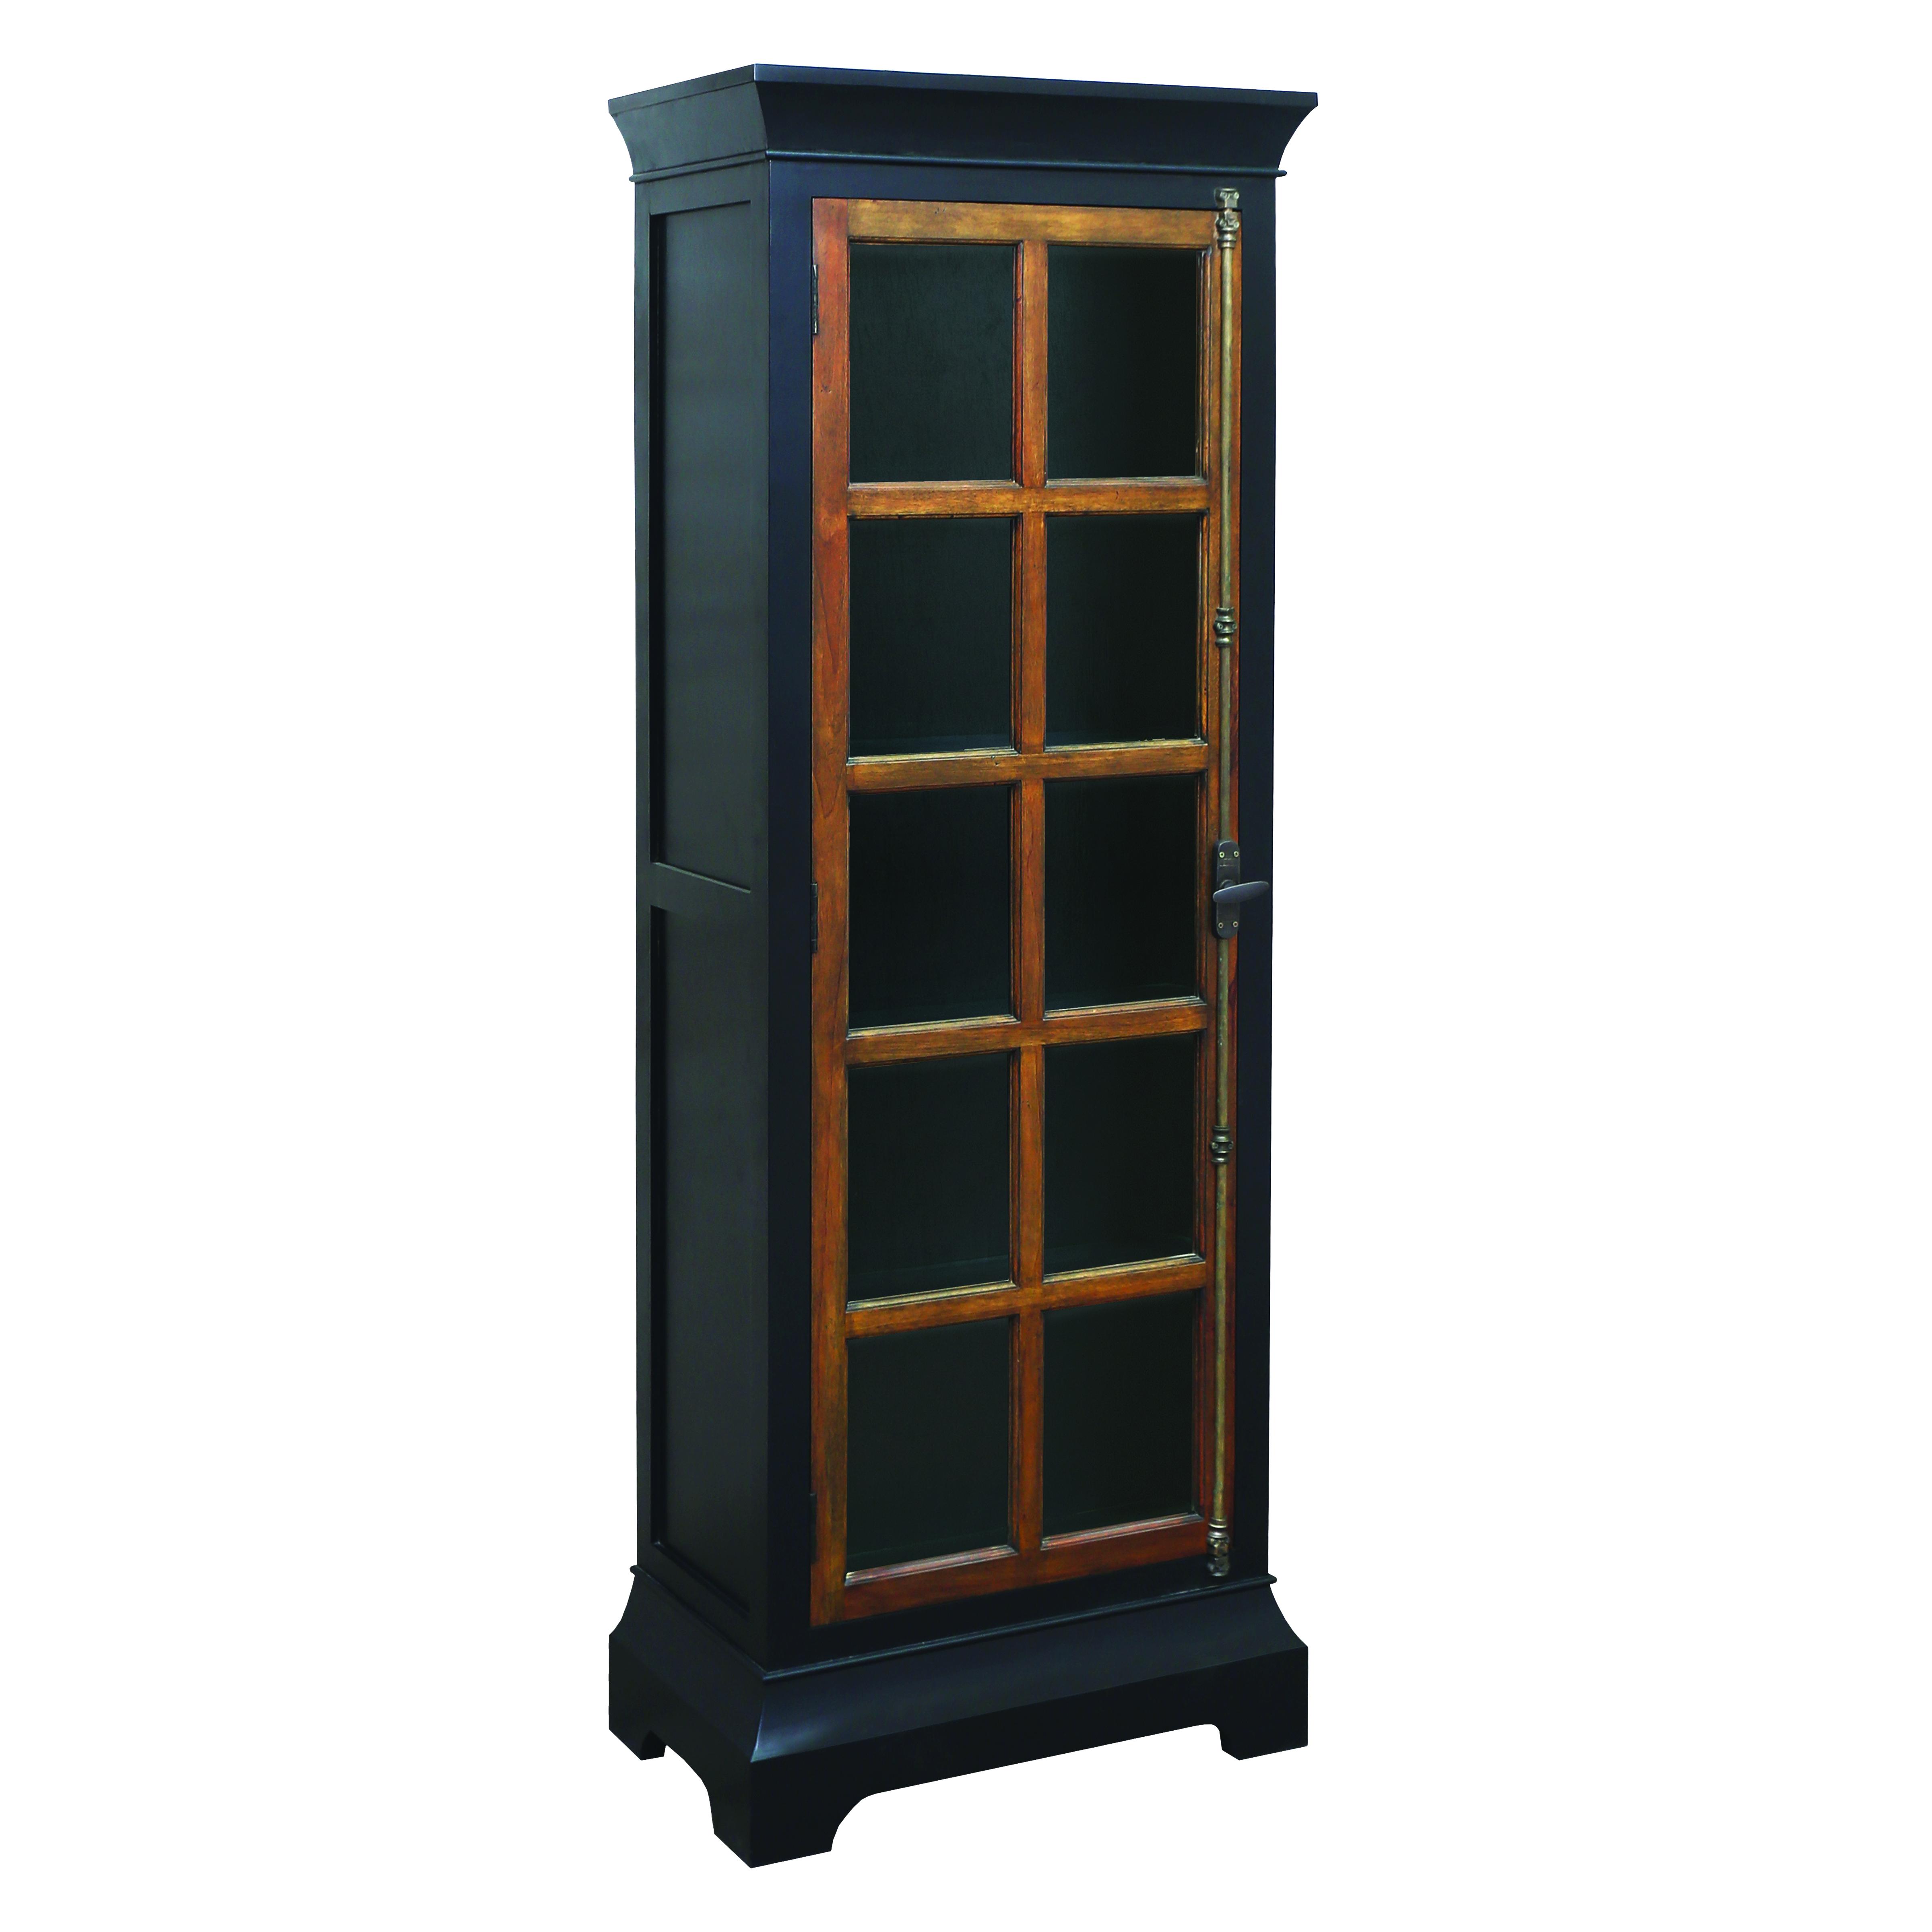 Modern America 1-Door Cabinet 6019504 | ELK Home